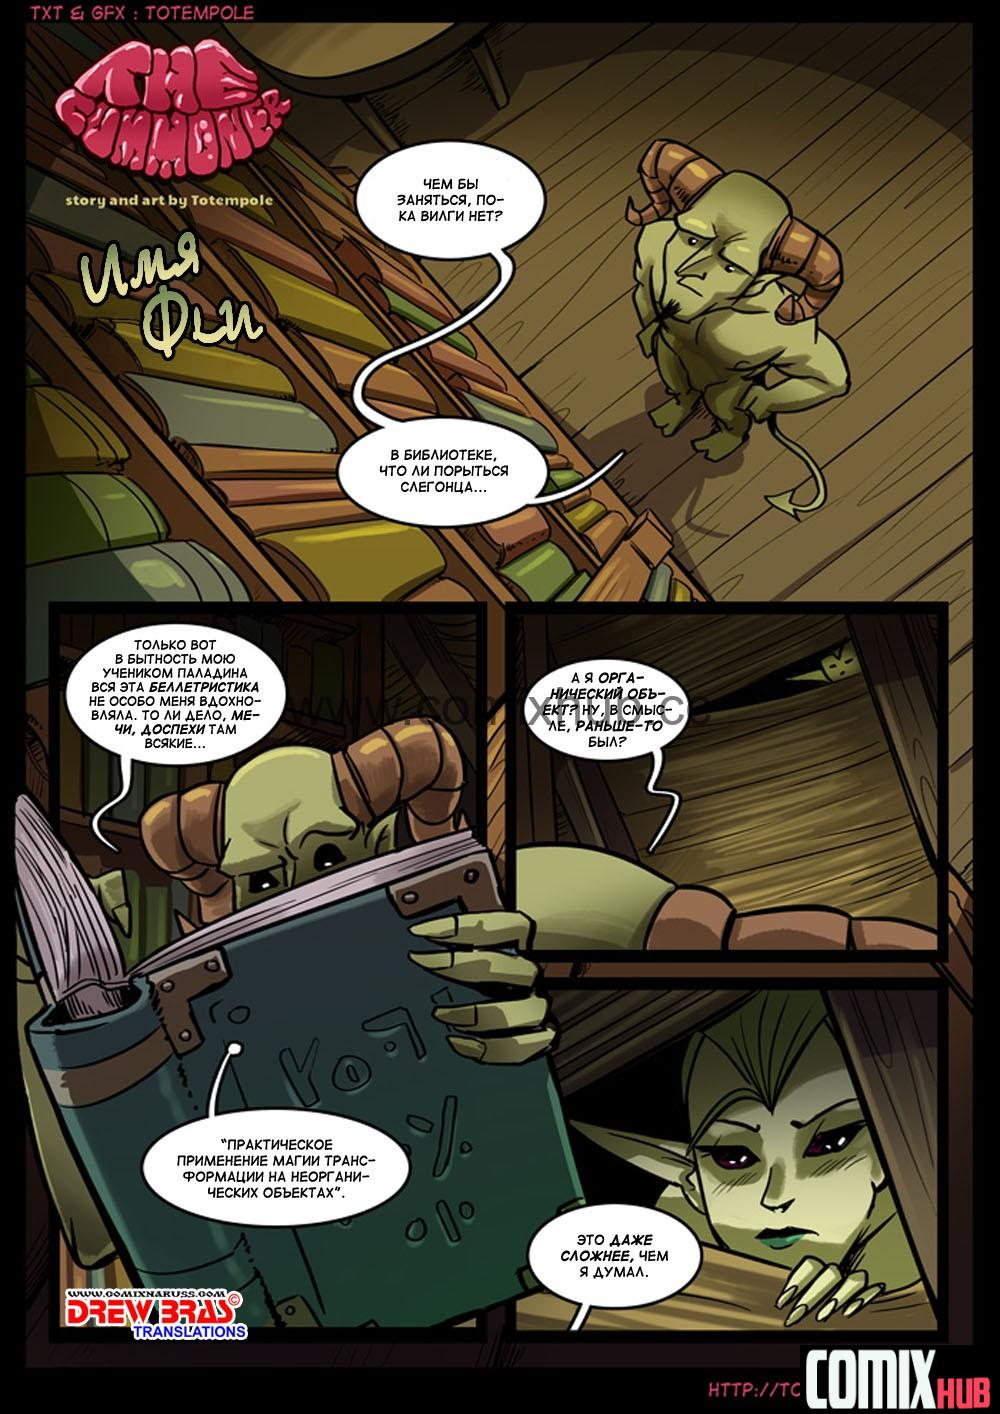 Порно комикс Волшебница, часть 8 Порно комиксы, Анал, Групповой секс, Минет, Монстры